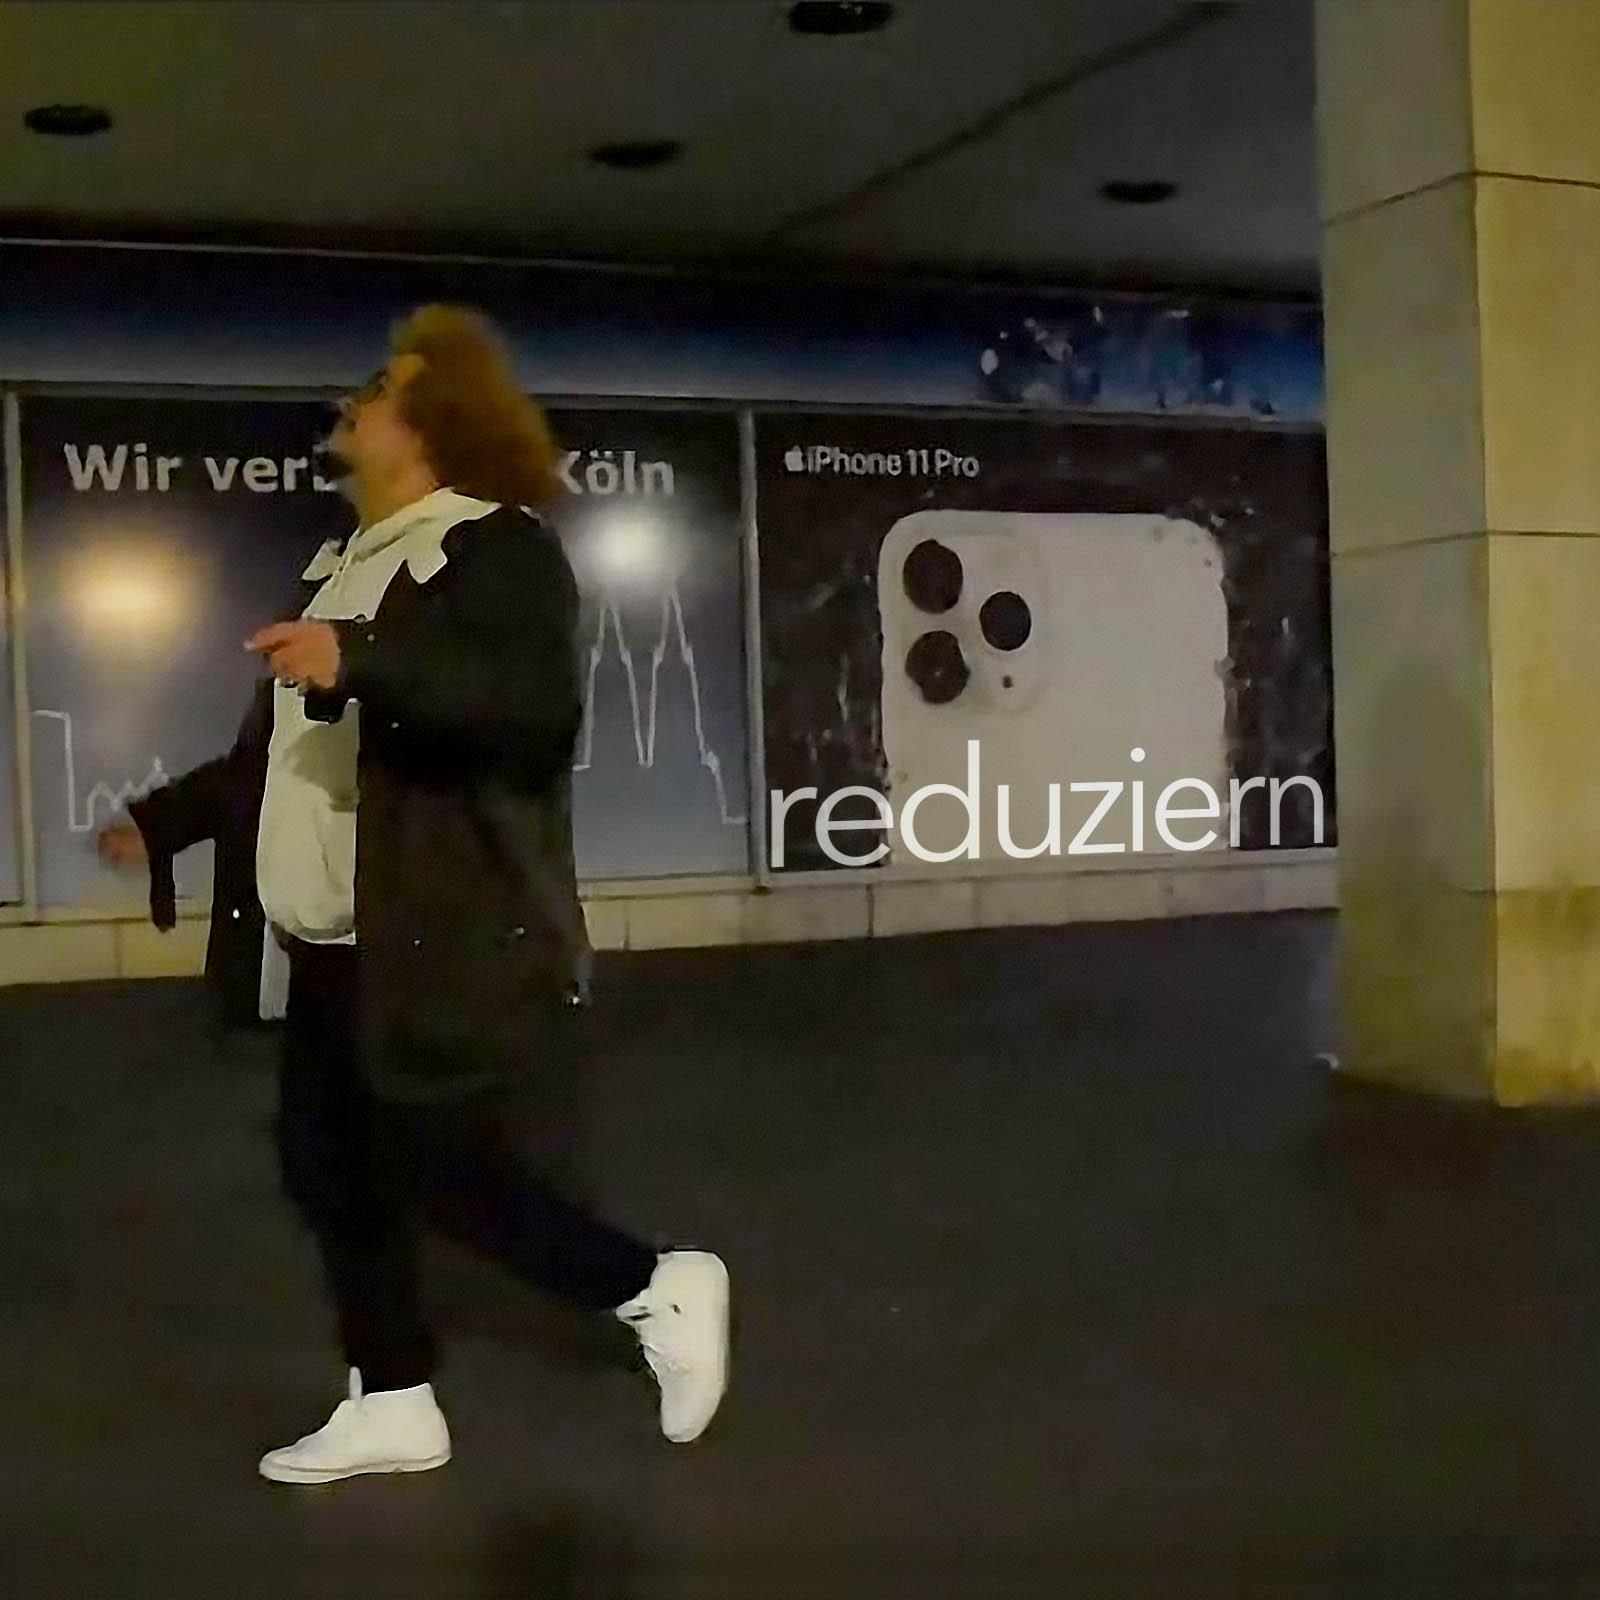 Upcoming: Jaaas - Reduziern (official Video)